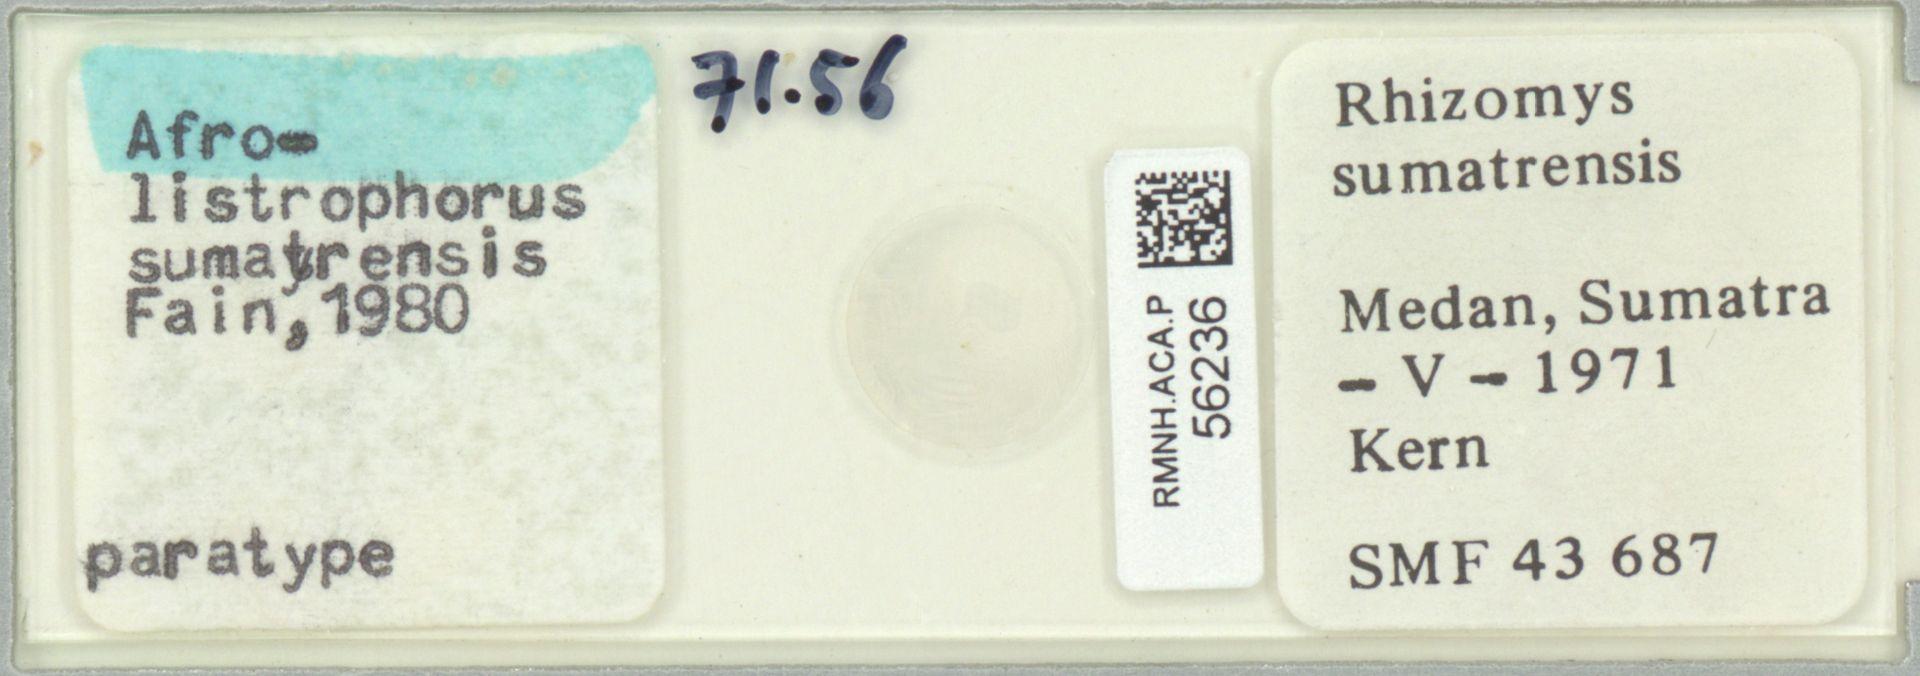 RMNH.ACA.P.56236 | Afrolistrophorus sumatrensis Fain 1980